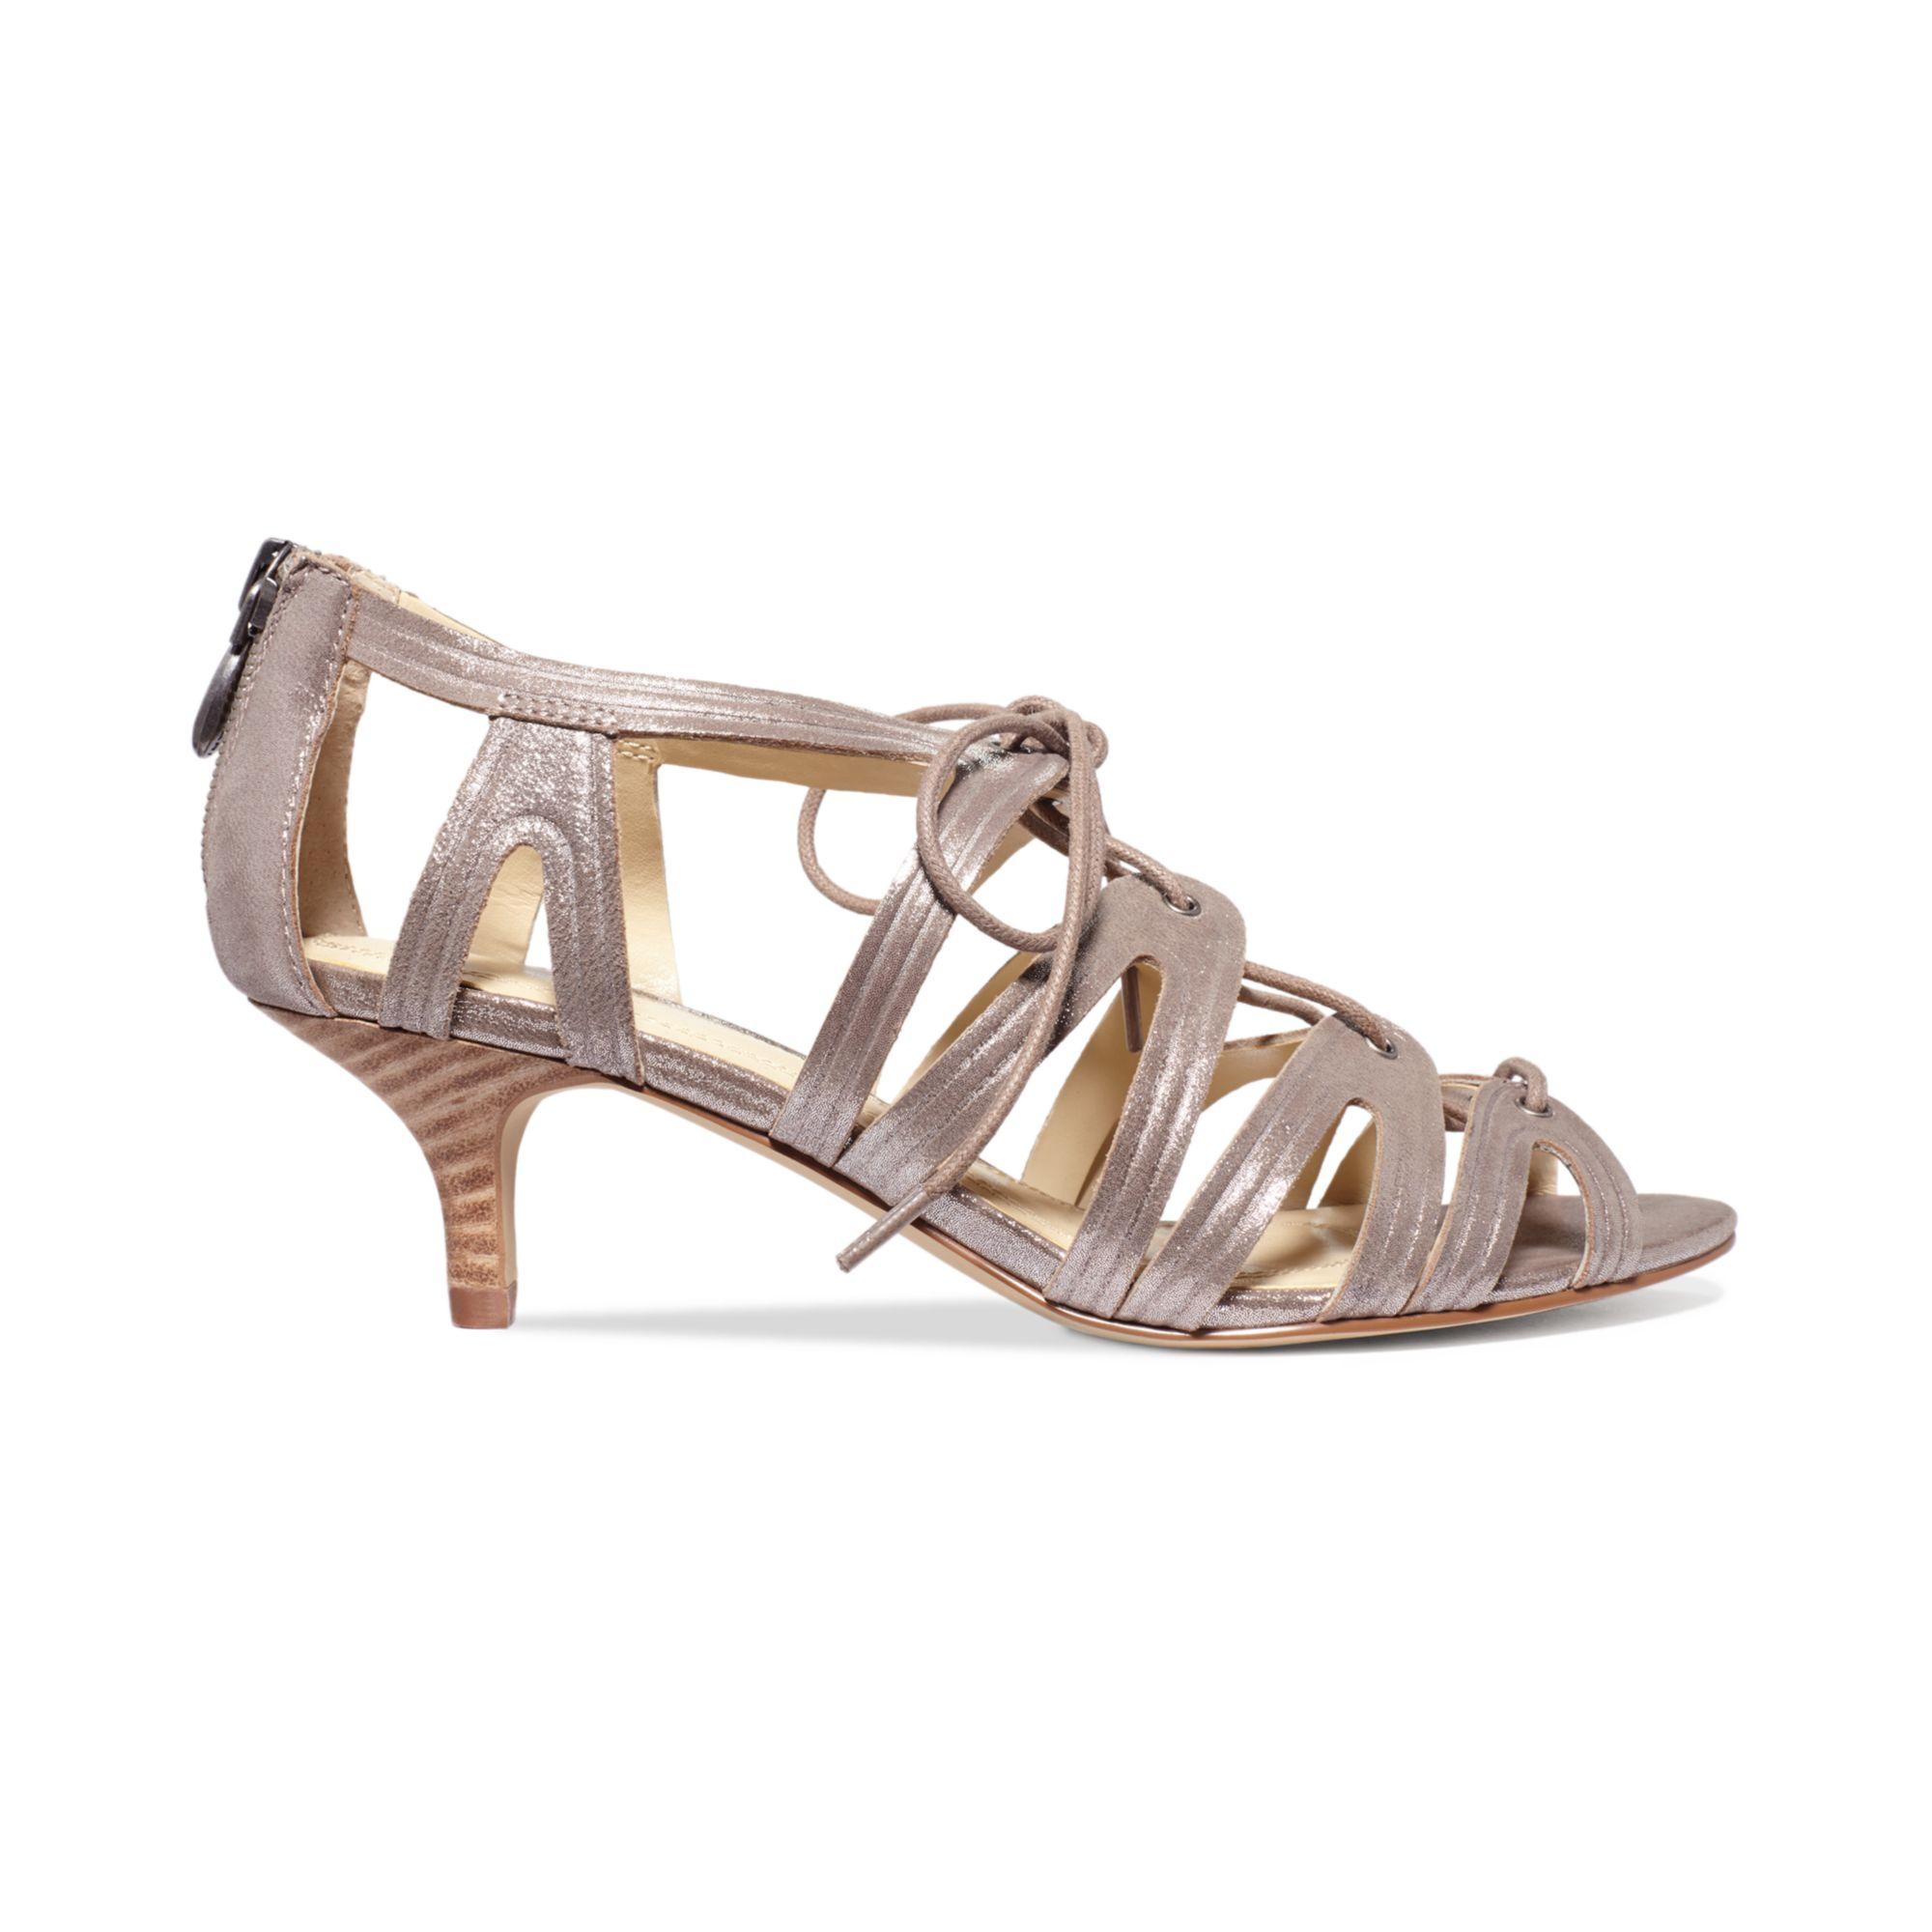 a5692dc97bc11 Lyst - Tahari Womens Darra Kitten Heel Sandals in Natural